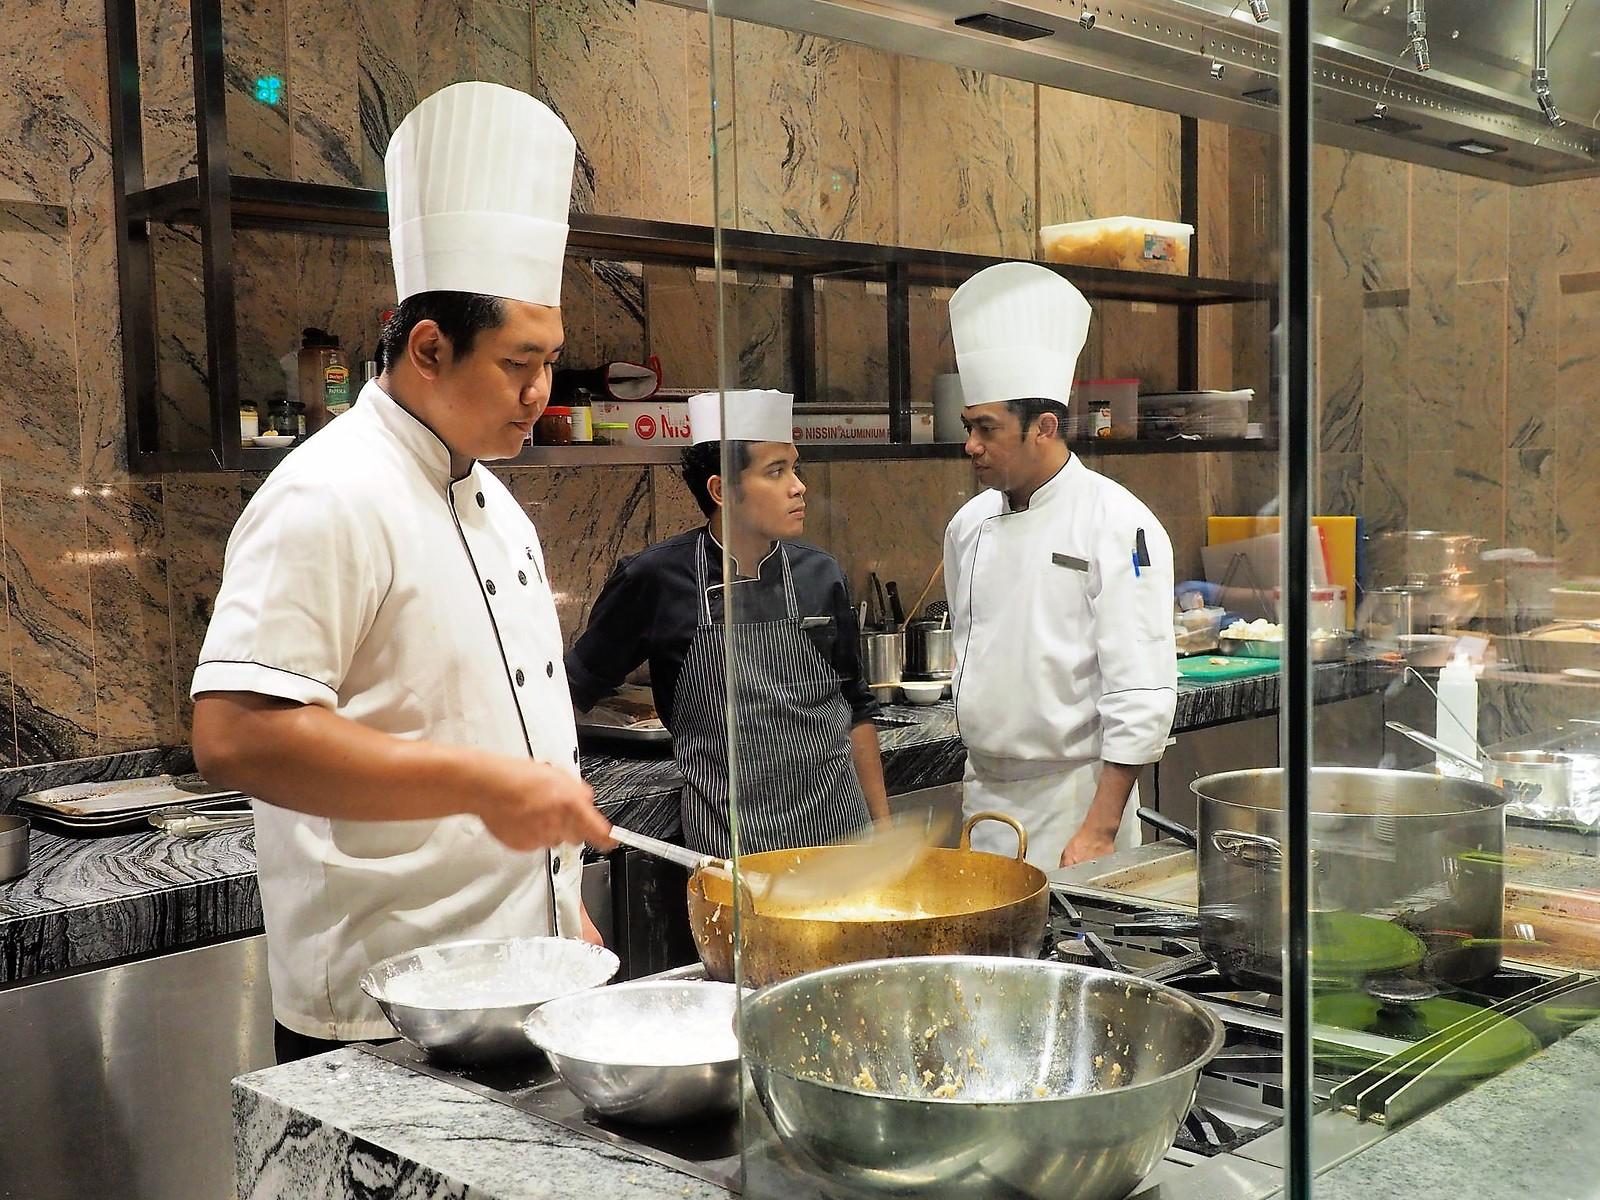 Chef preparing more food